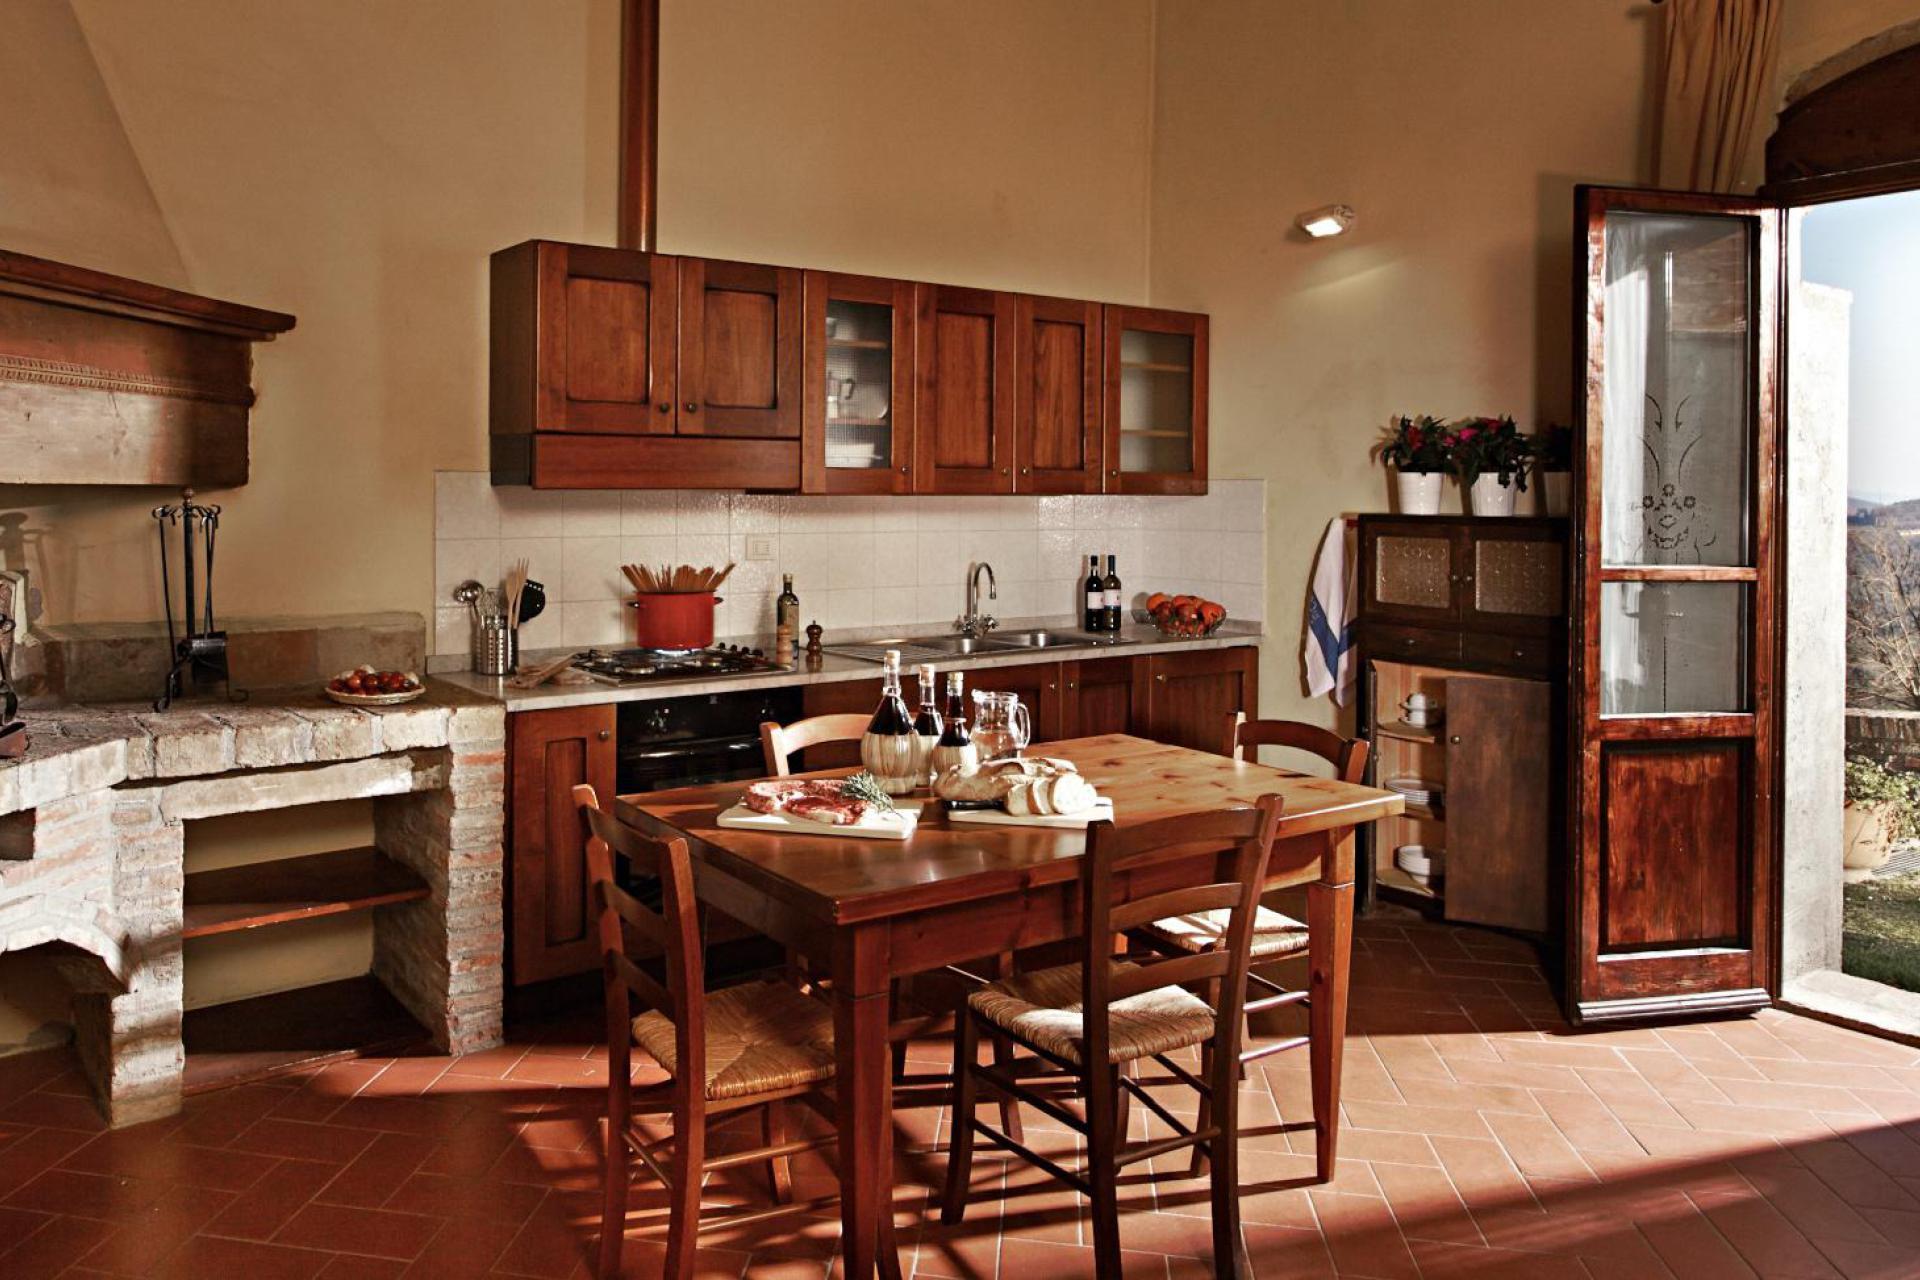 Agriturismo Toskana Agriturismo Toskana, mit schön gestalteten Wohnungen